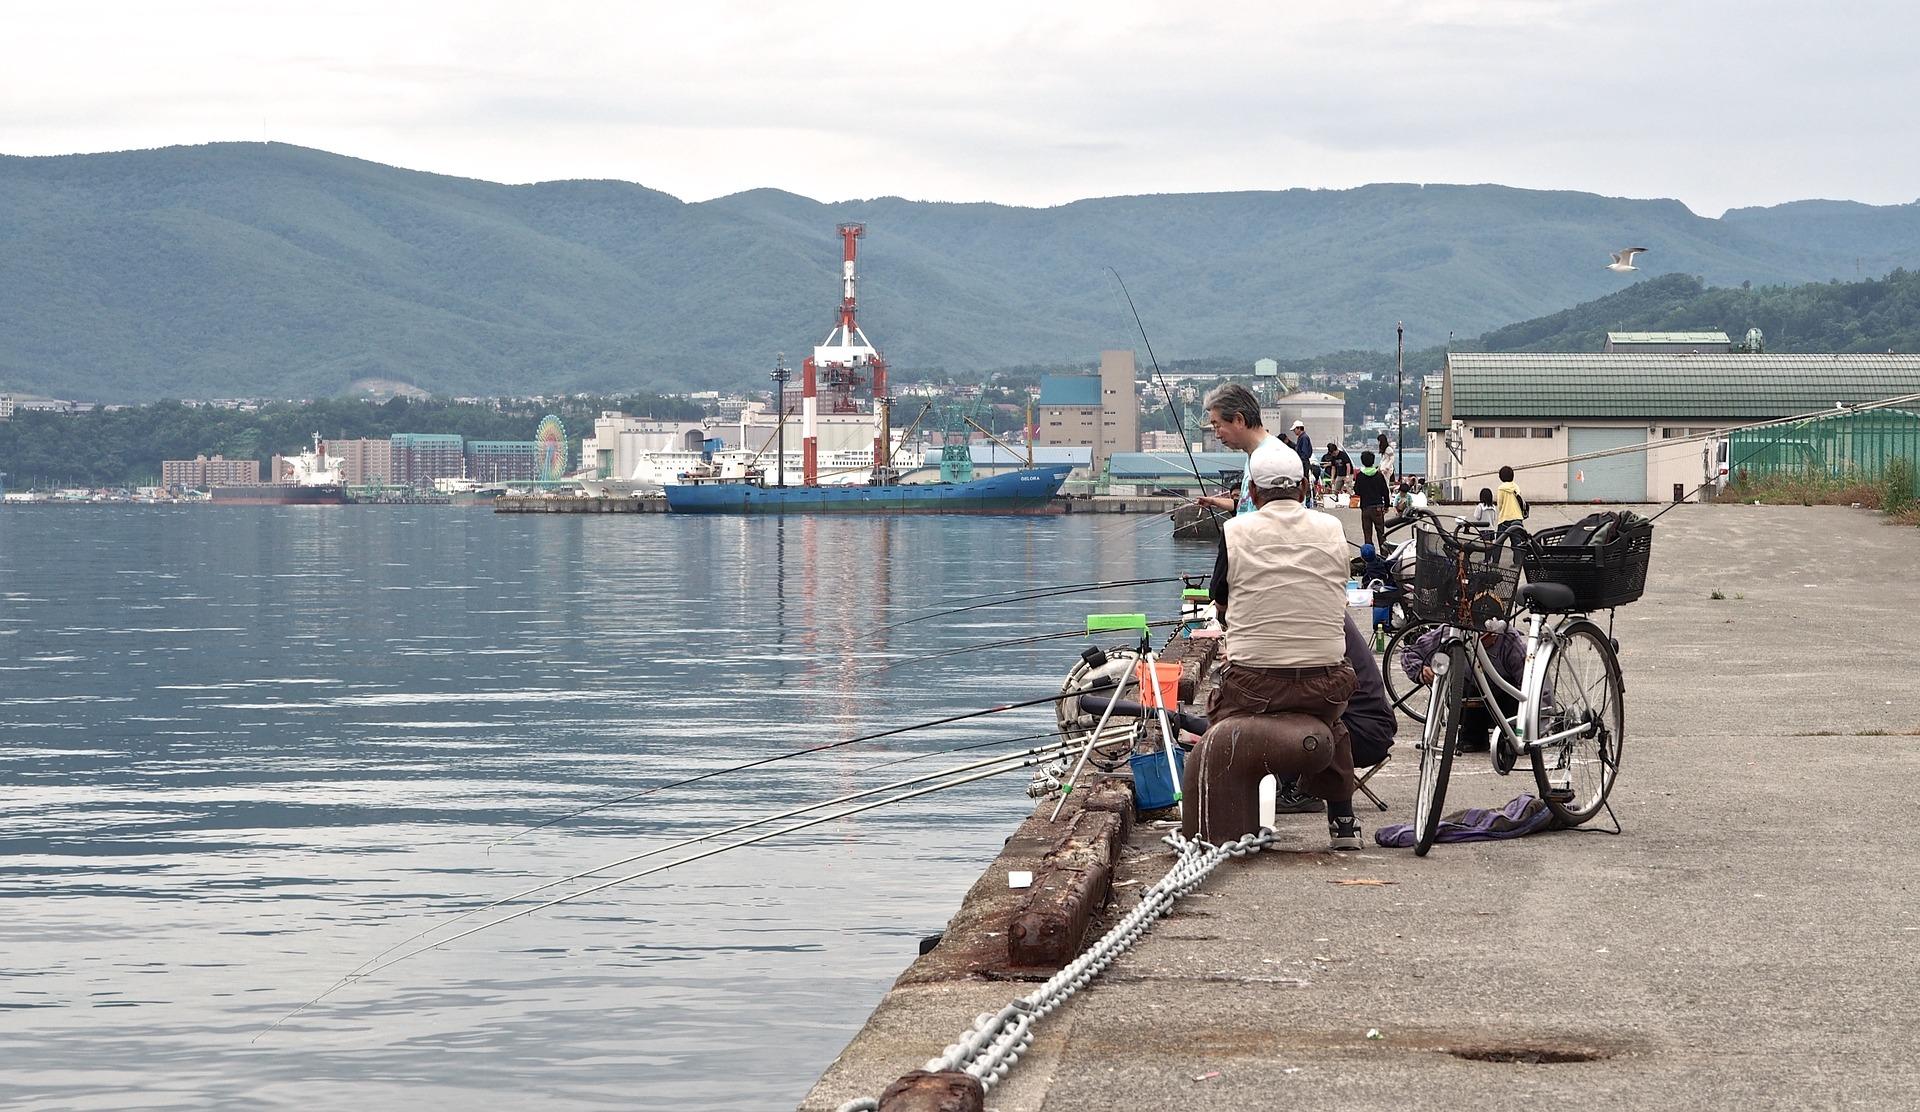 locals fishing at otaru pier, hokkaido